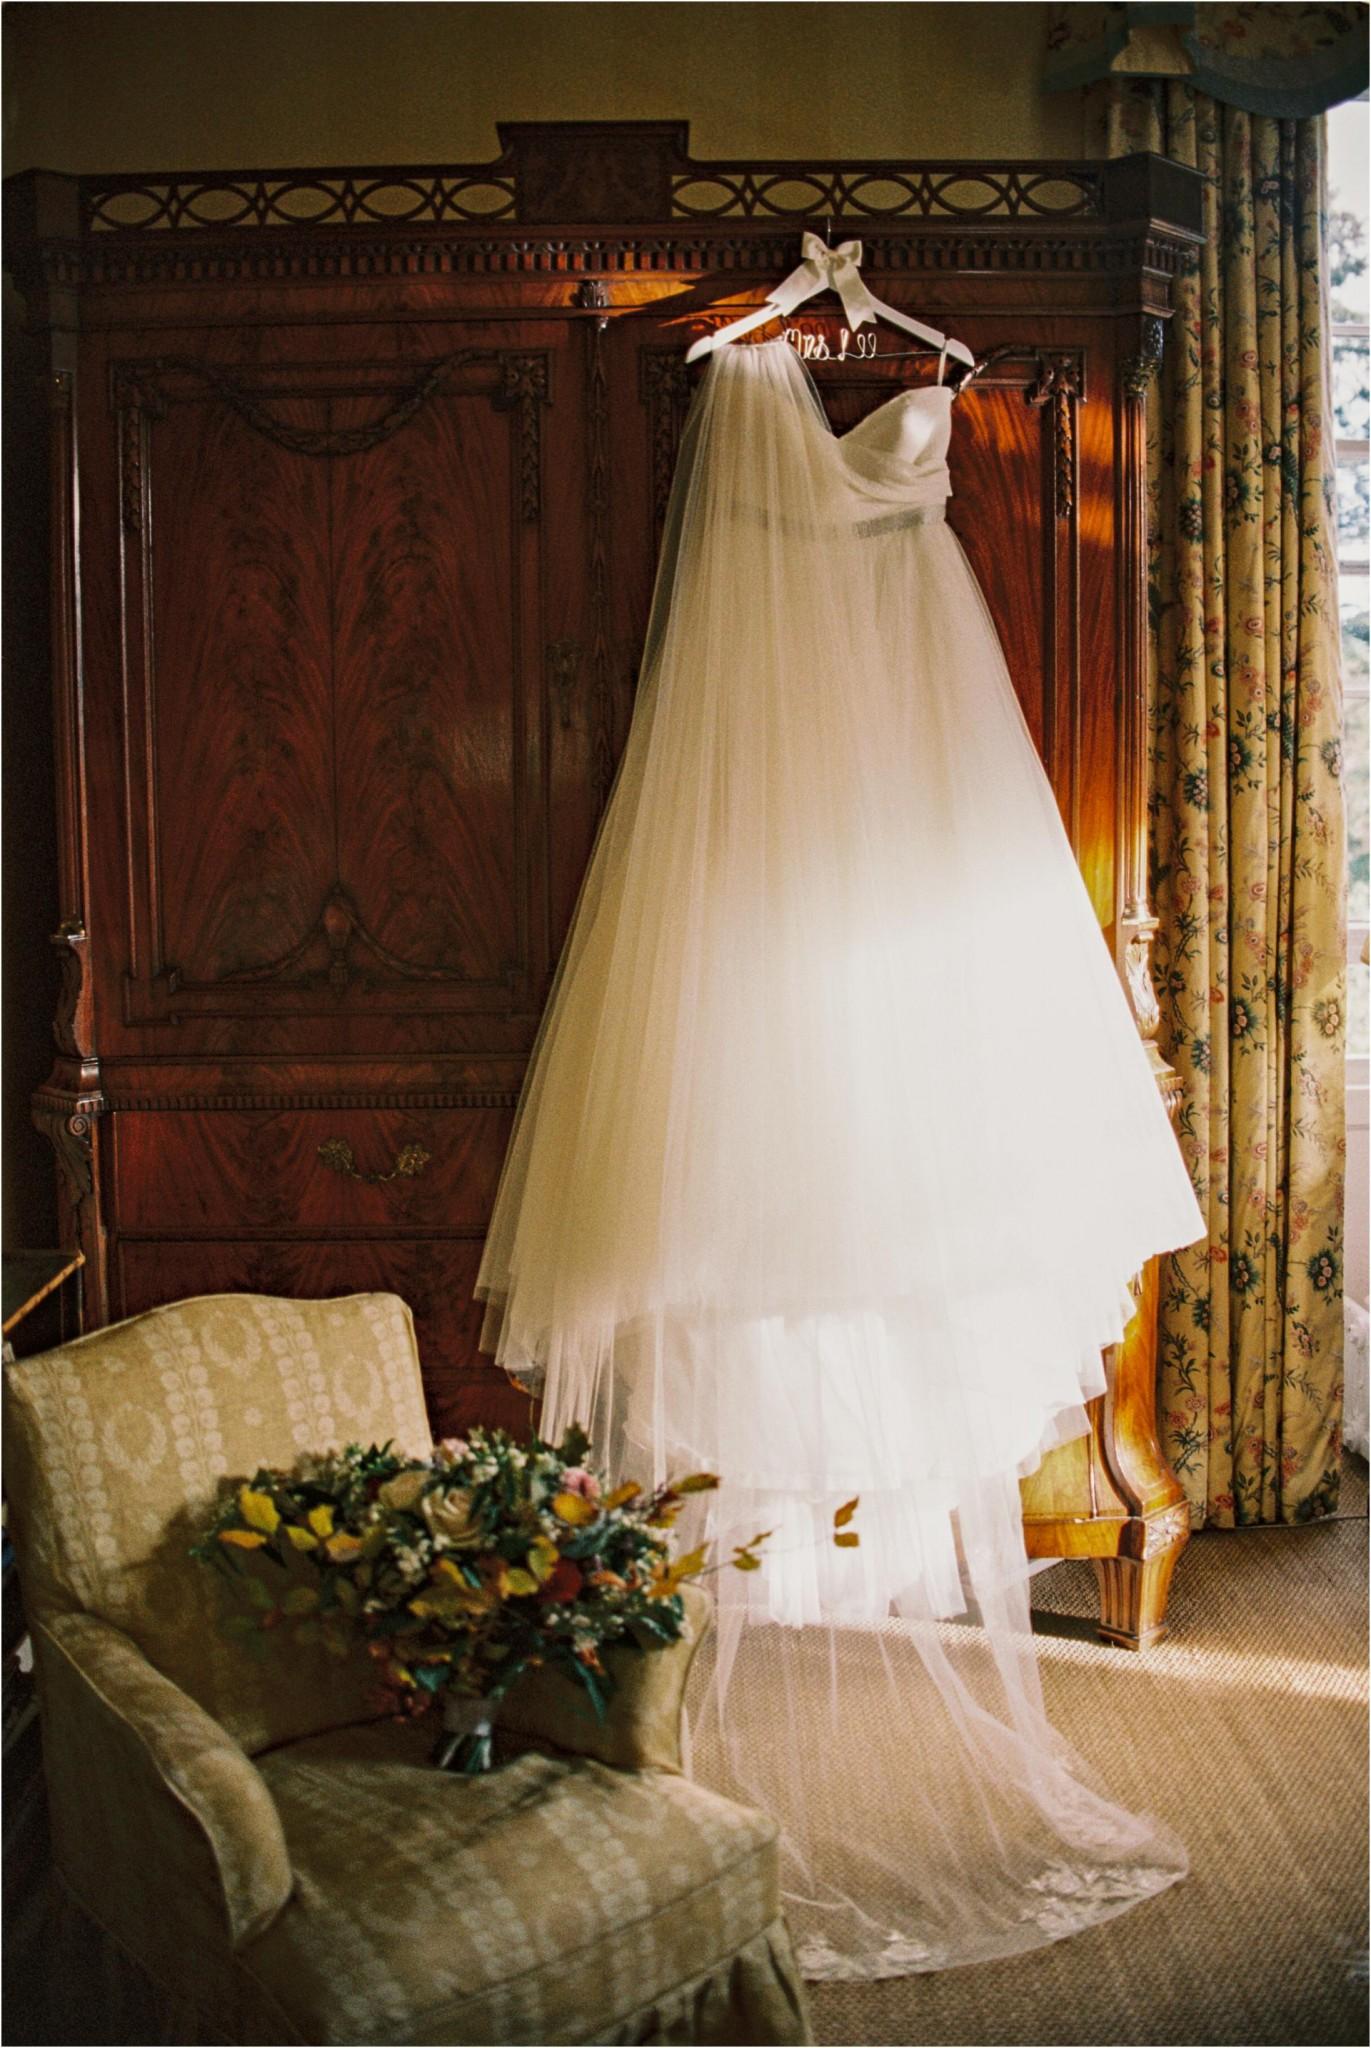 weddingsonfilmphotosbyzoe2